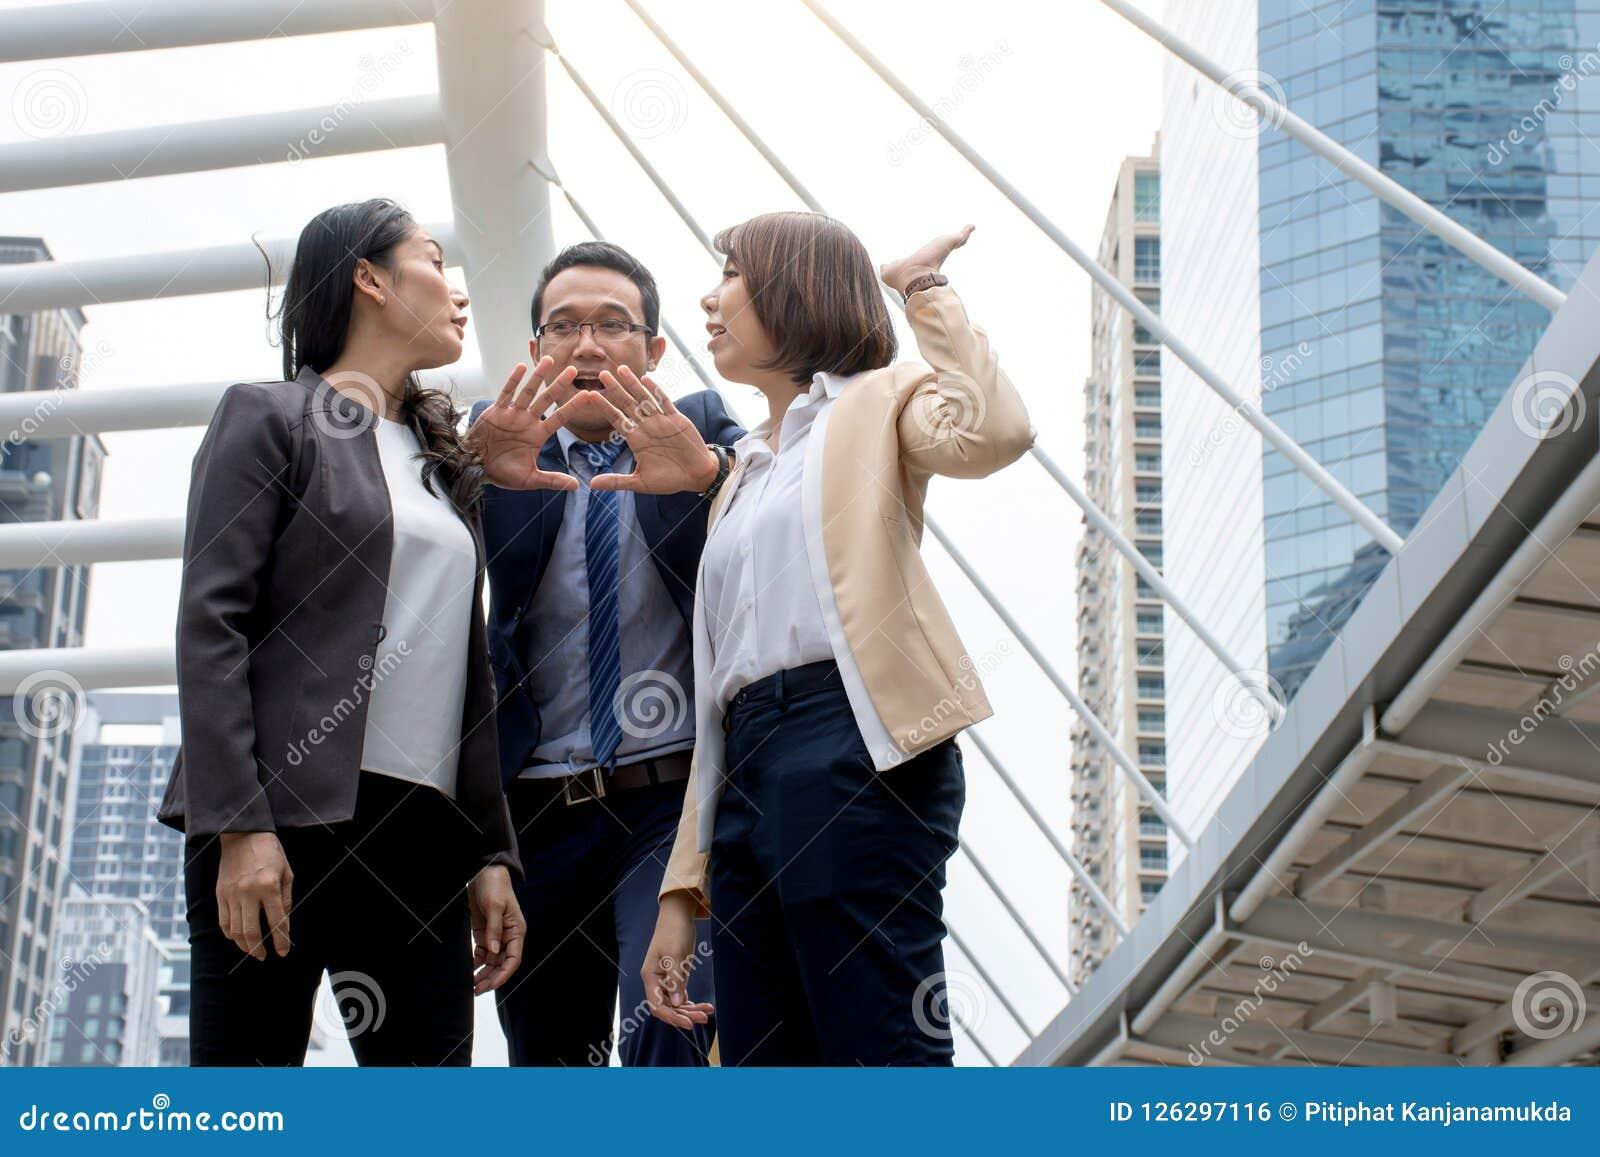 Portret Agresywne młode Azjatyckie kobiety w formalnej odzieży lub bizneswomanu boju podczas gdy mężczyzna odradza dla walki